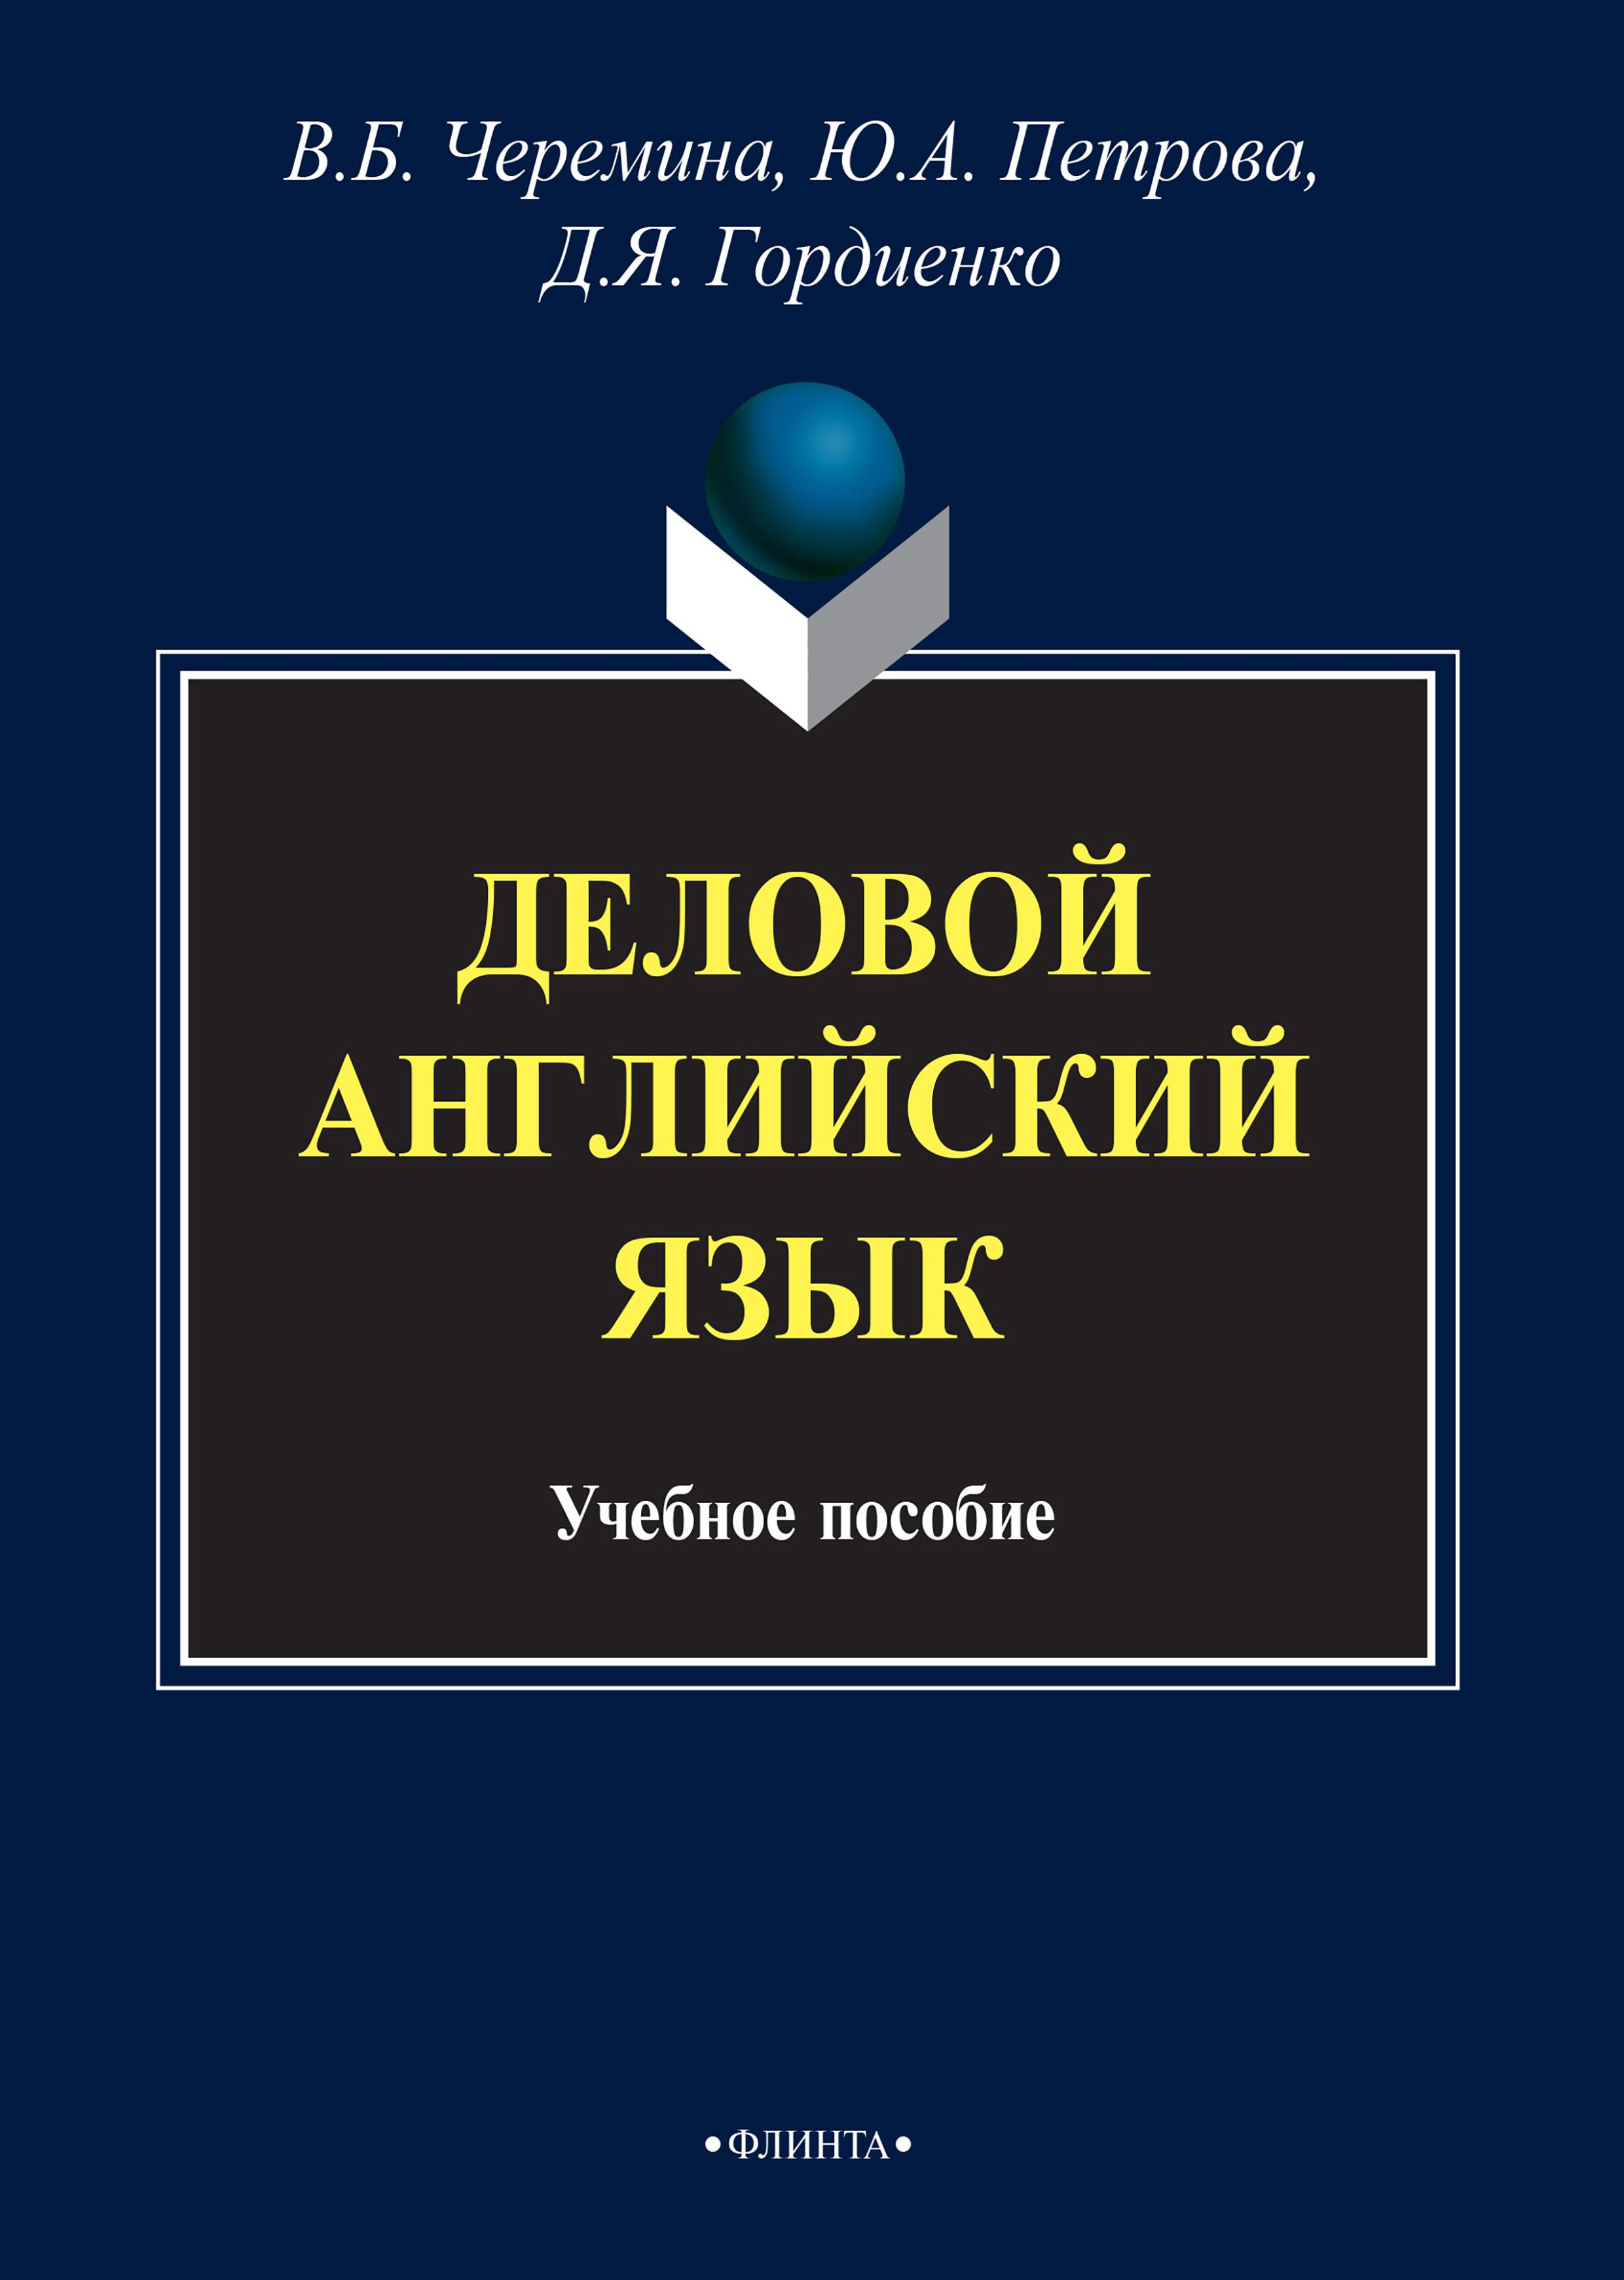 Деловой английский язык ( Ю. А. Петрова  )